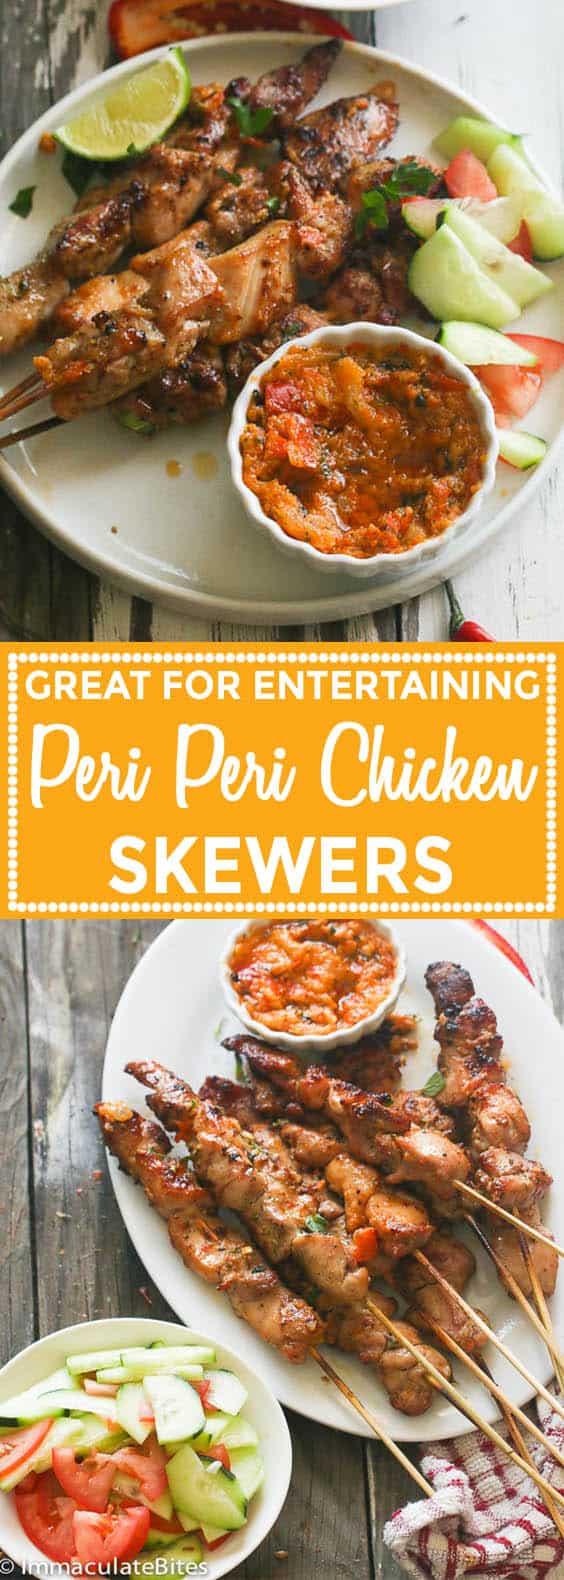 Peri Peri Chicken Skewers